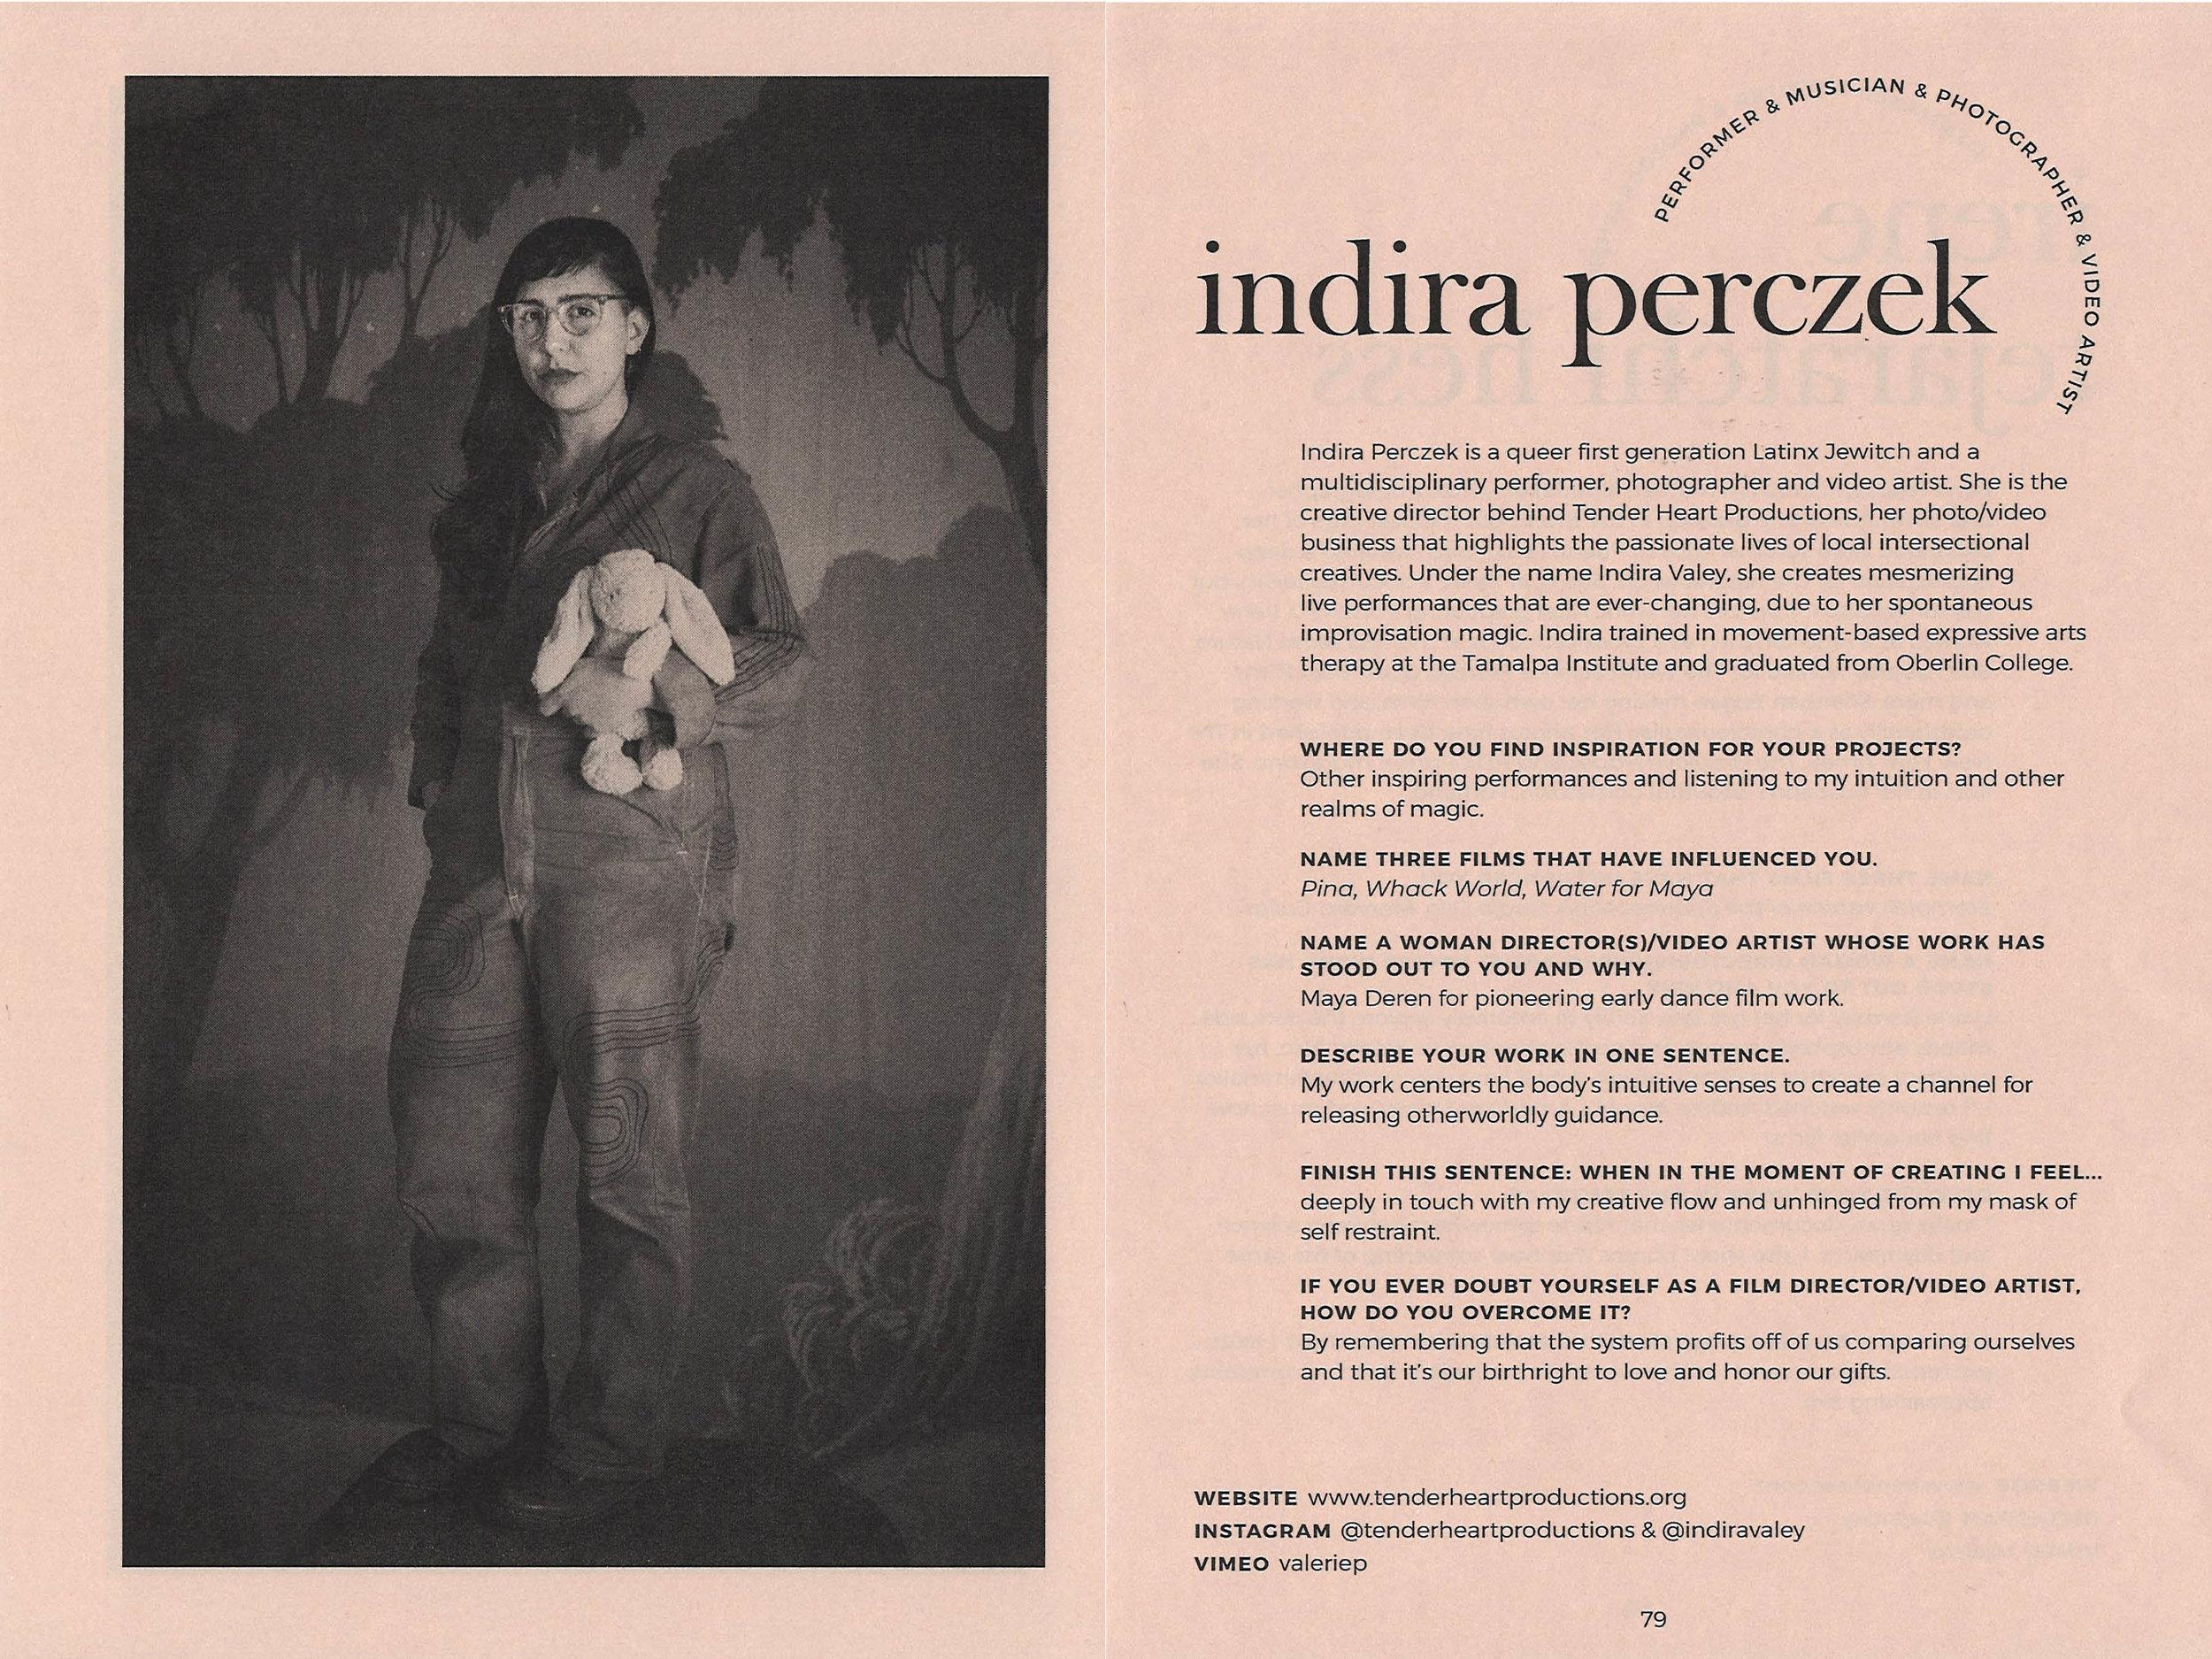 13. IndiraPerczek_FULL.jpg